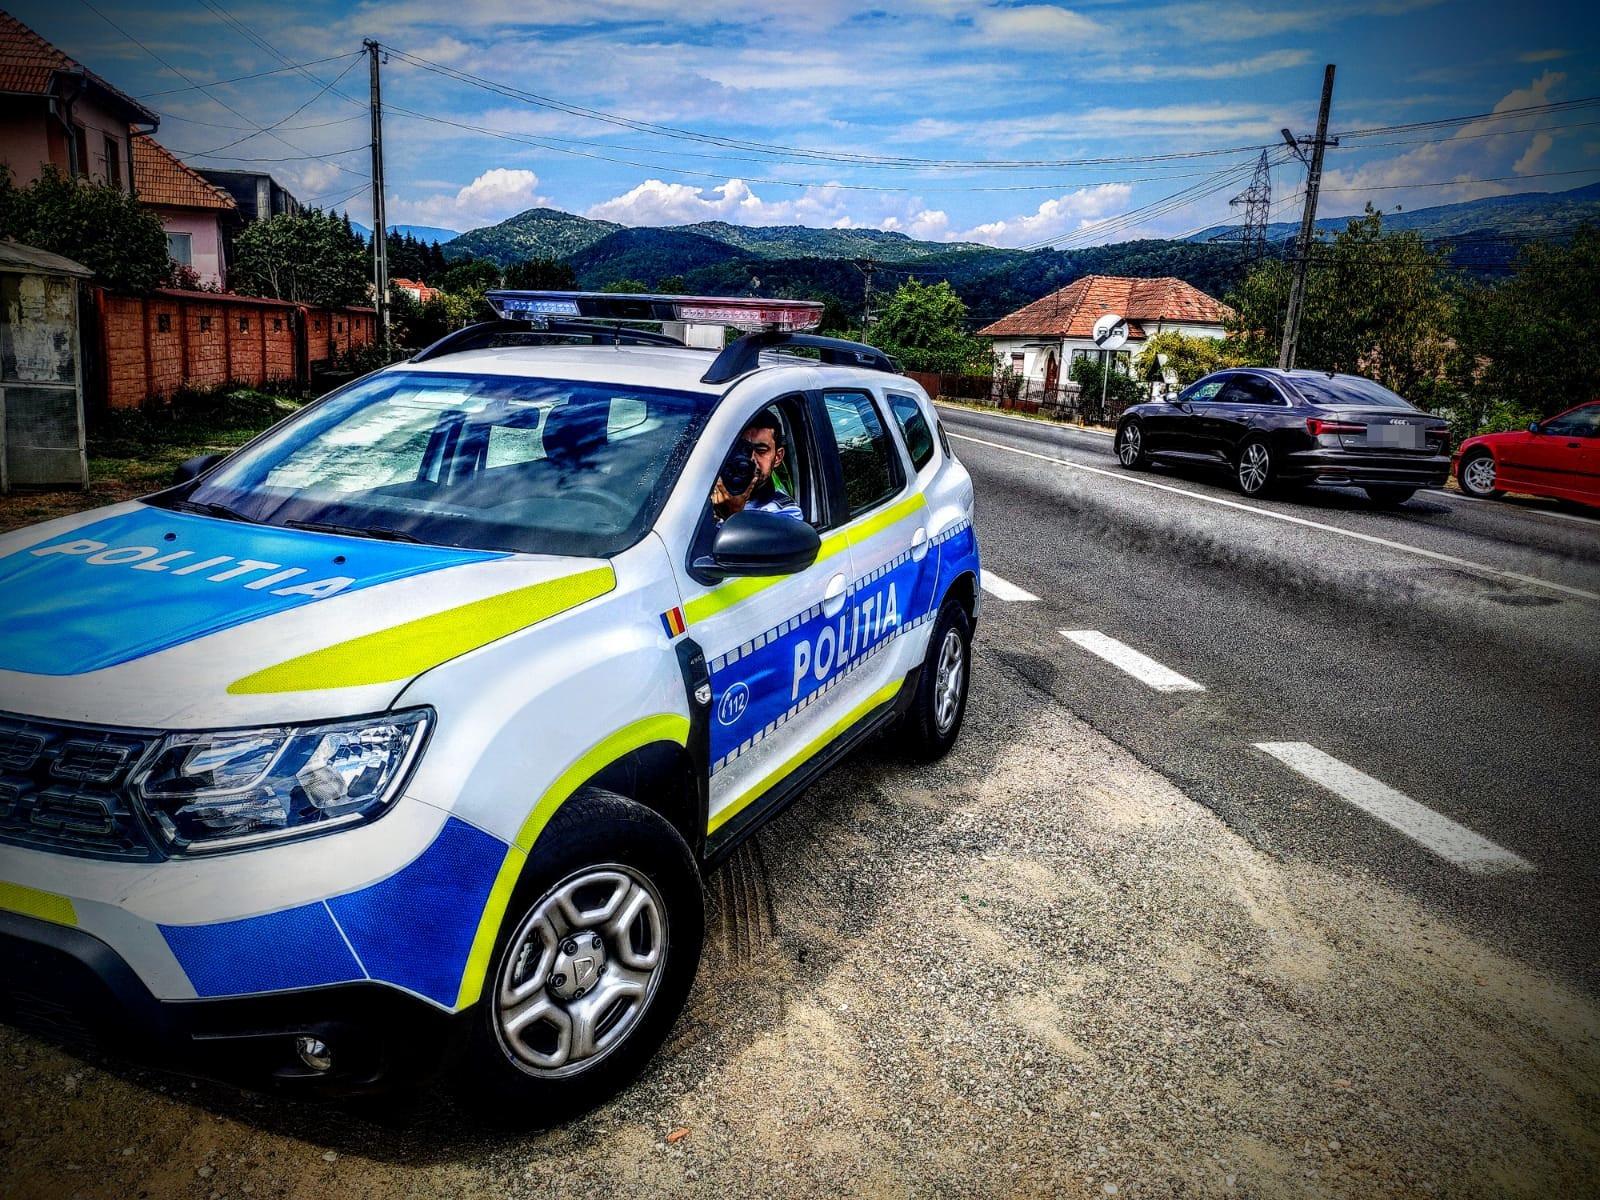 Proiect: Sistem video de monitorizare a traficului rutier şi constatare automată a abaterilor rutiere